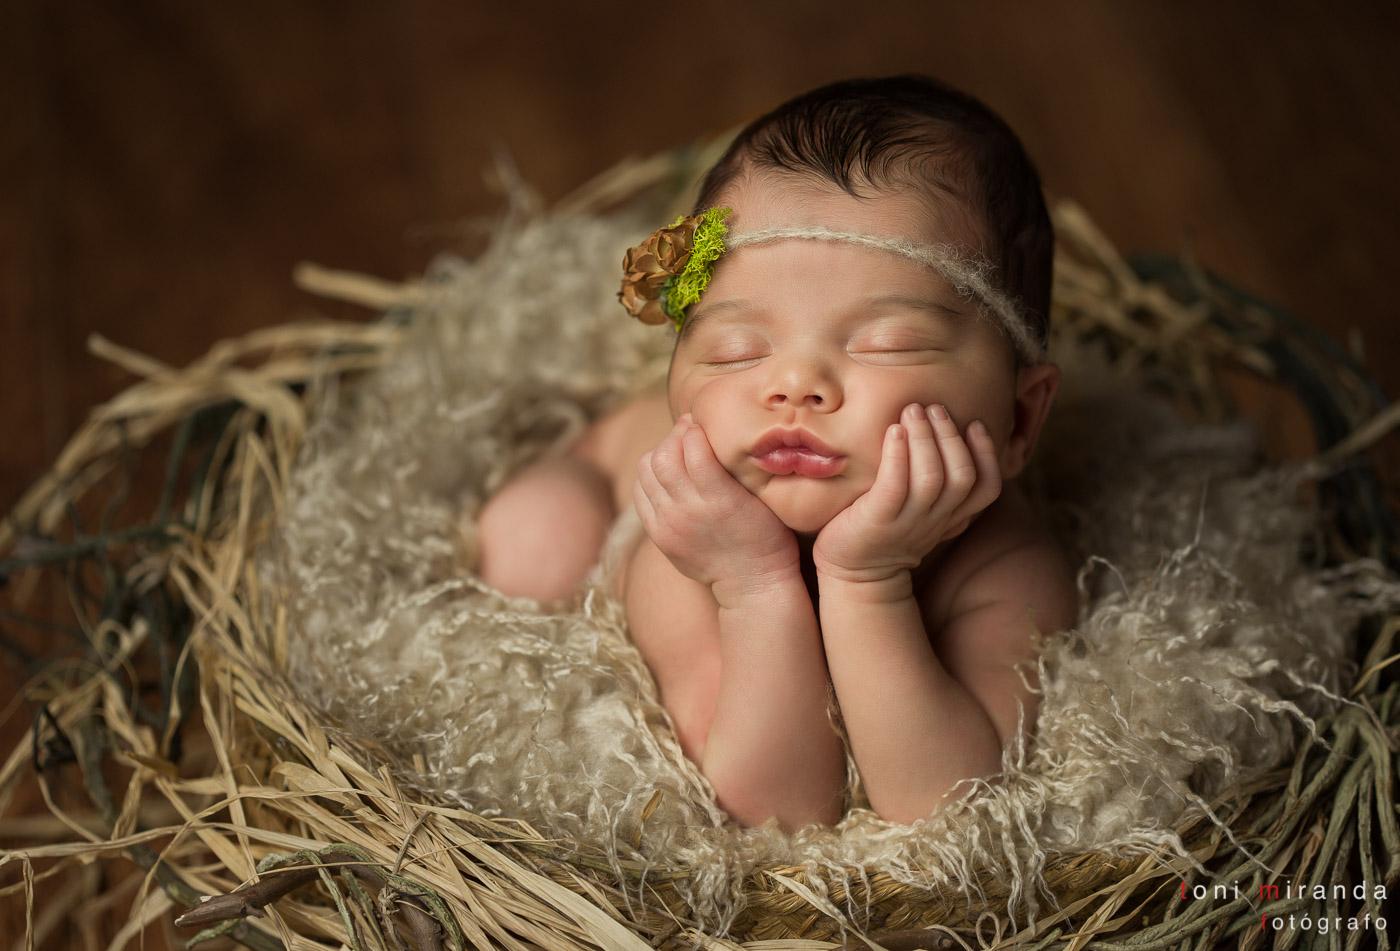 newborn dentro de nido de pájaro